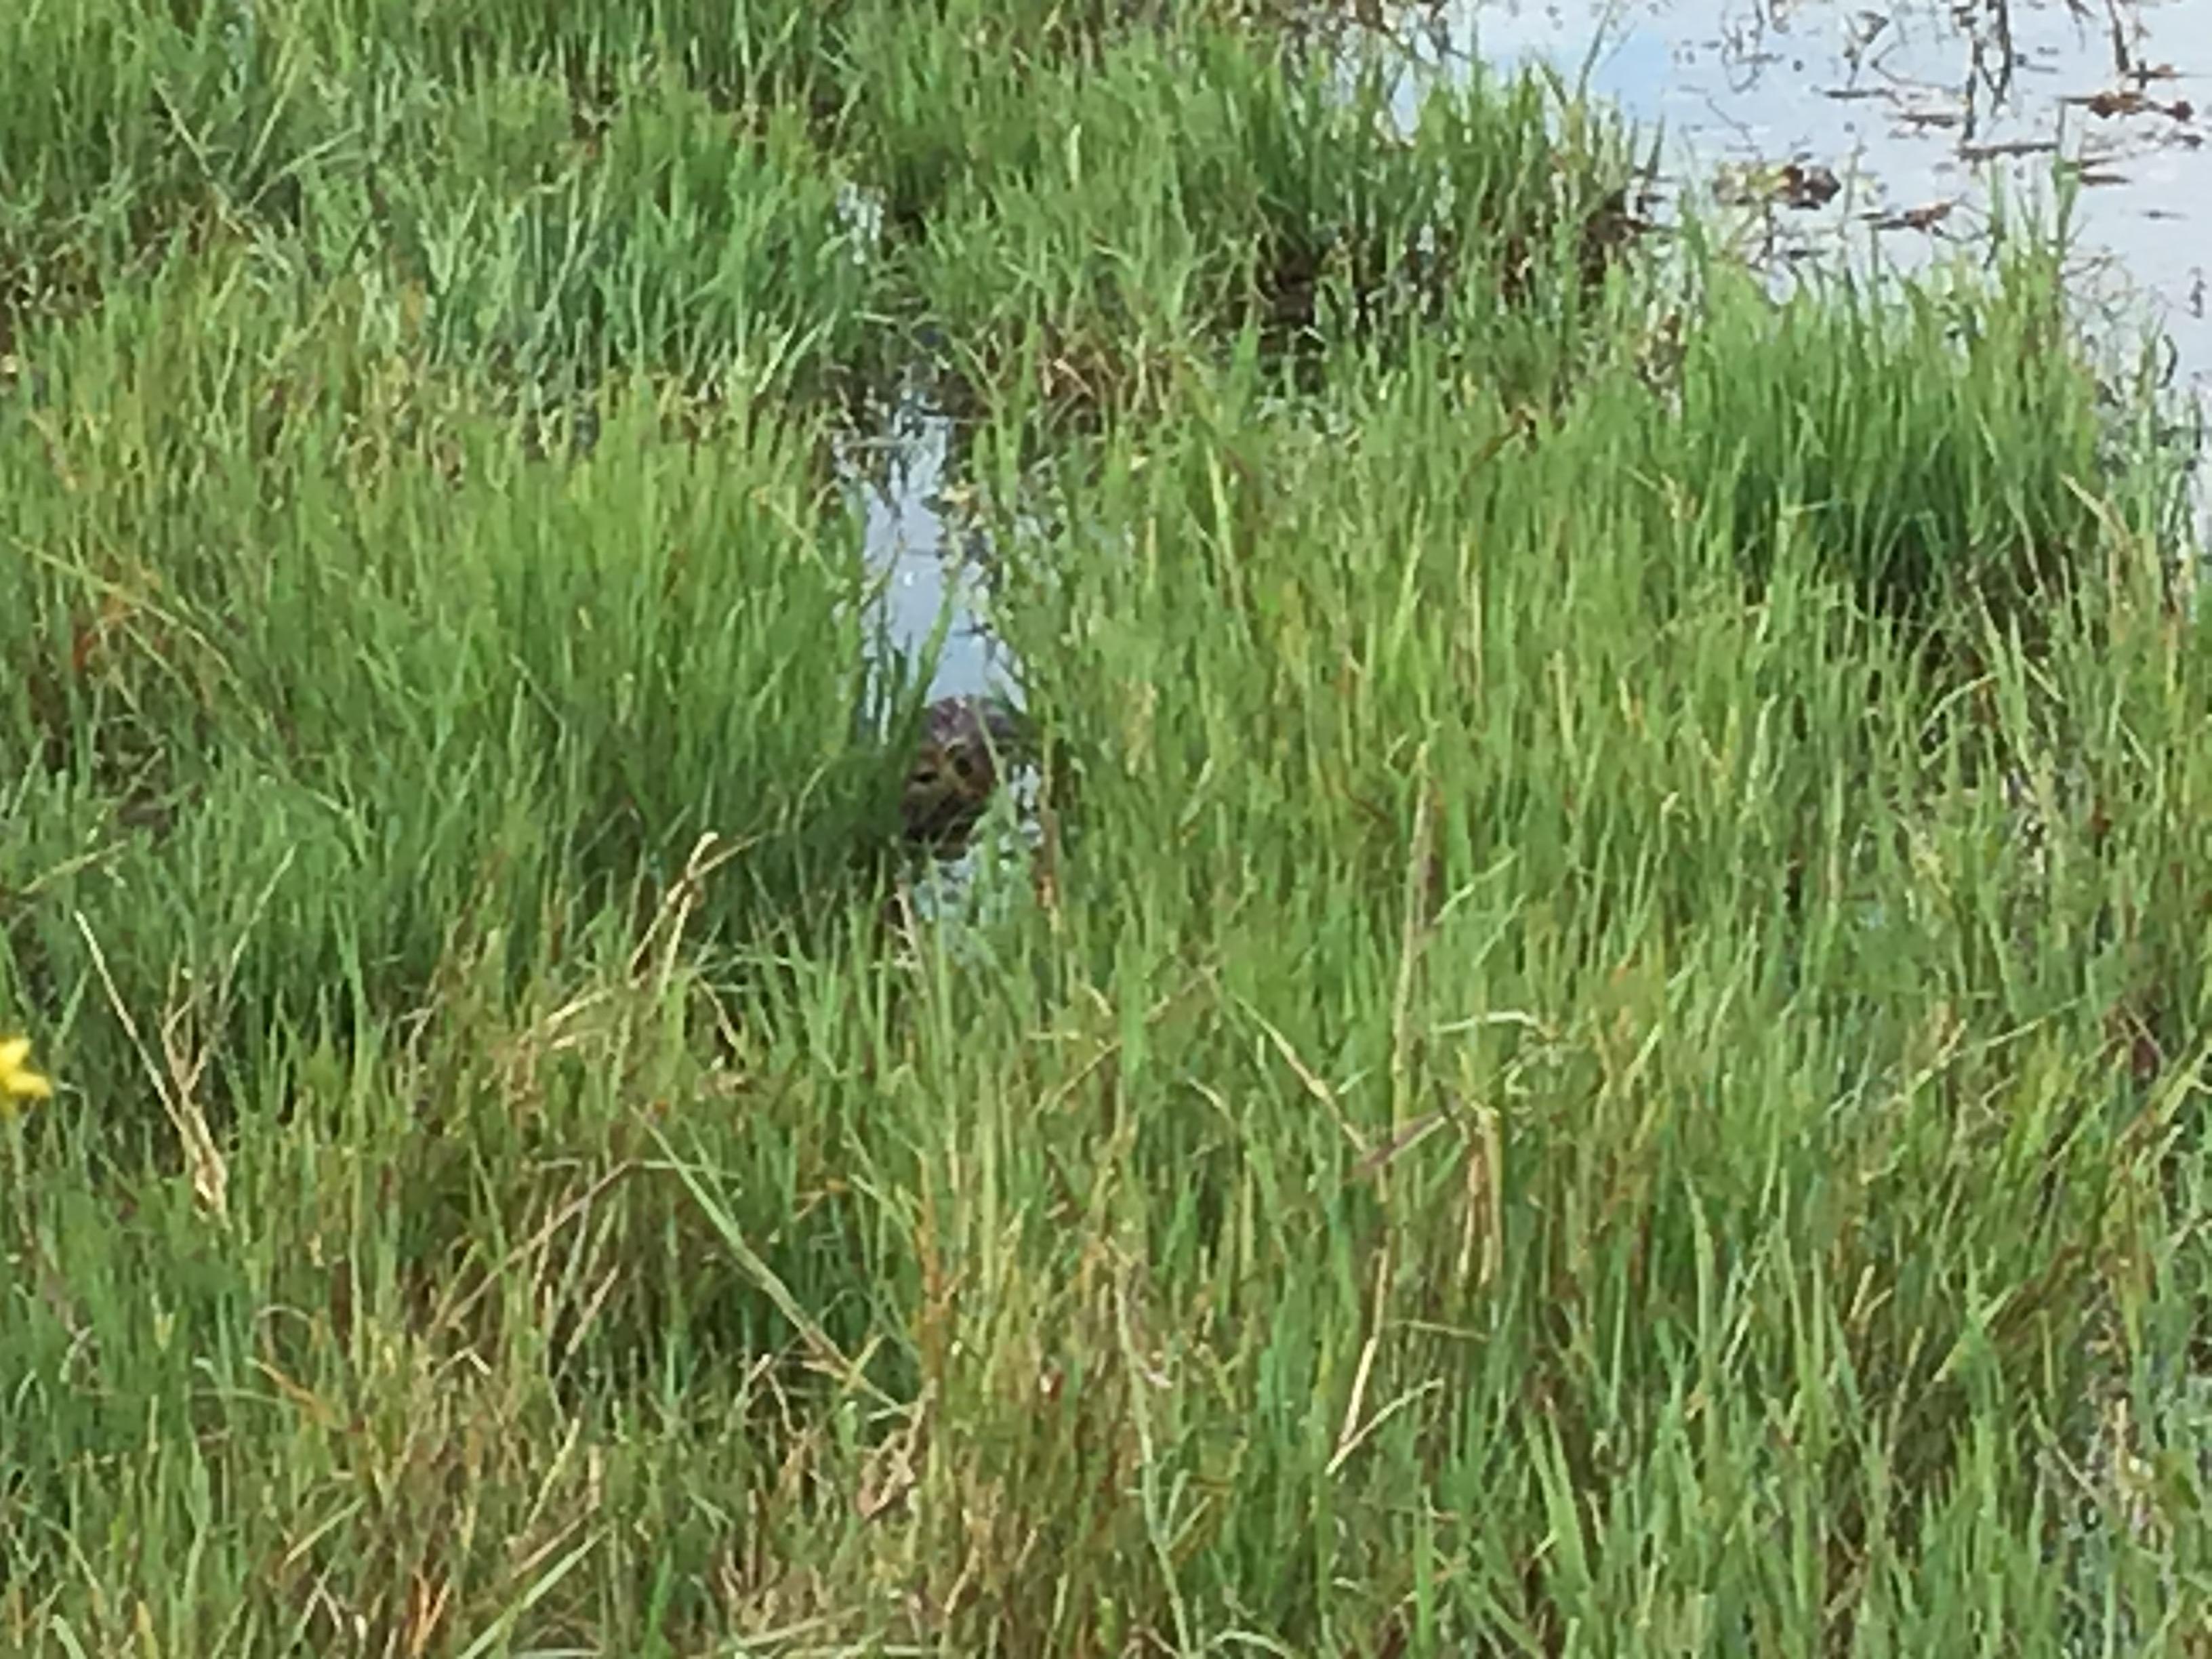 【付録】皿池の草の間からヌートリアがこちらを向いてます。『また来てねバイバイ』特定外来生物です。